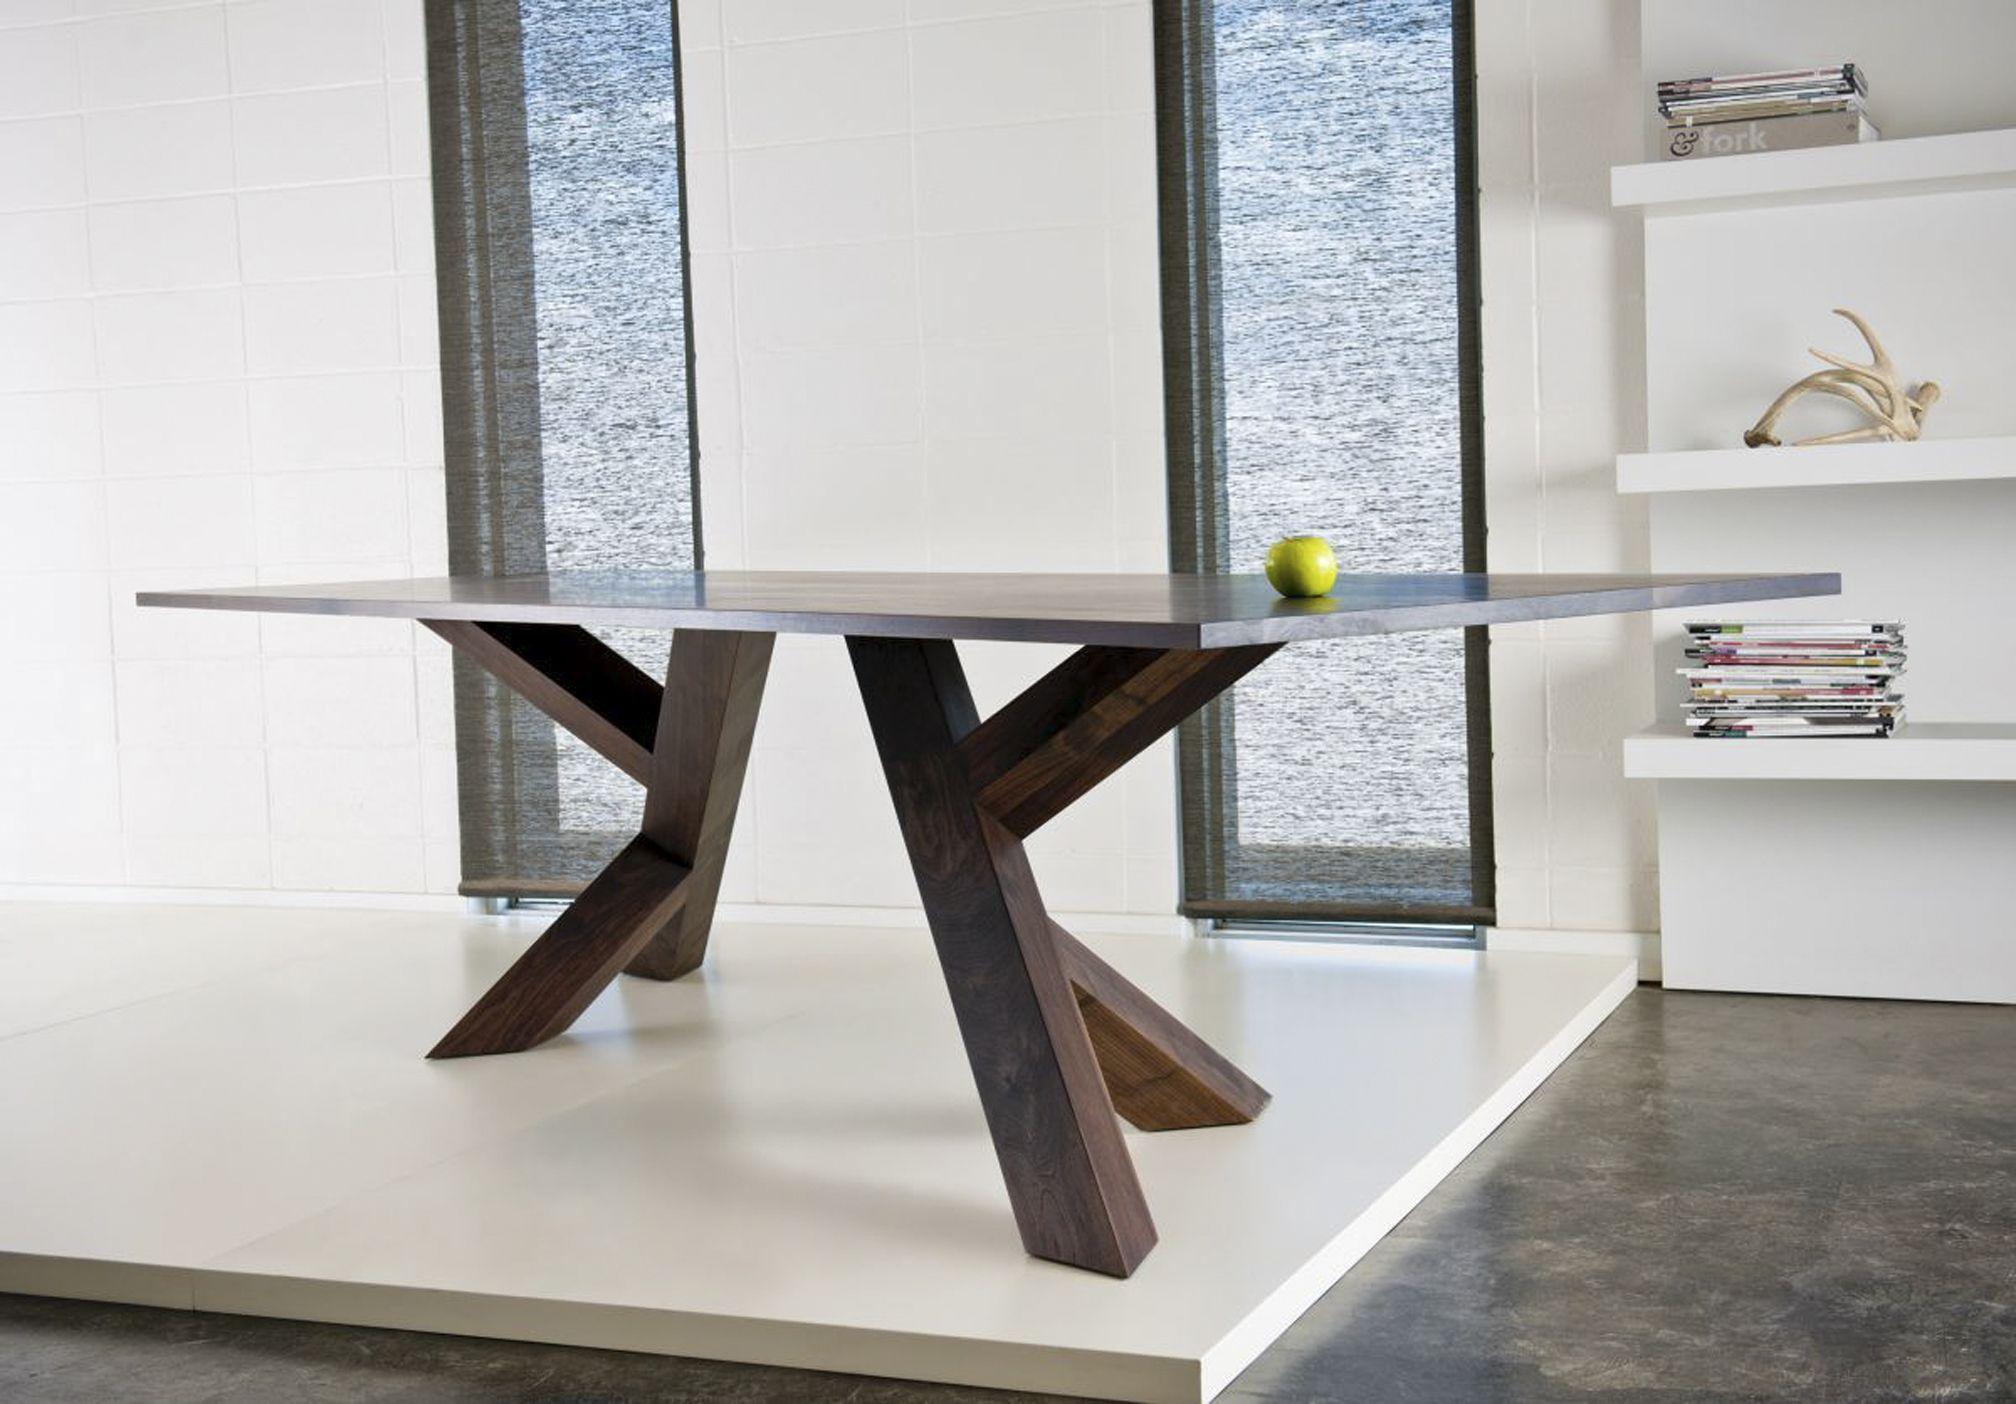 Contemporary dining table bases  Tsaf  SOLDADURA PARA INTERIORES  Pinterest  Contemporary dining